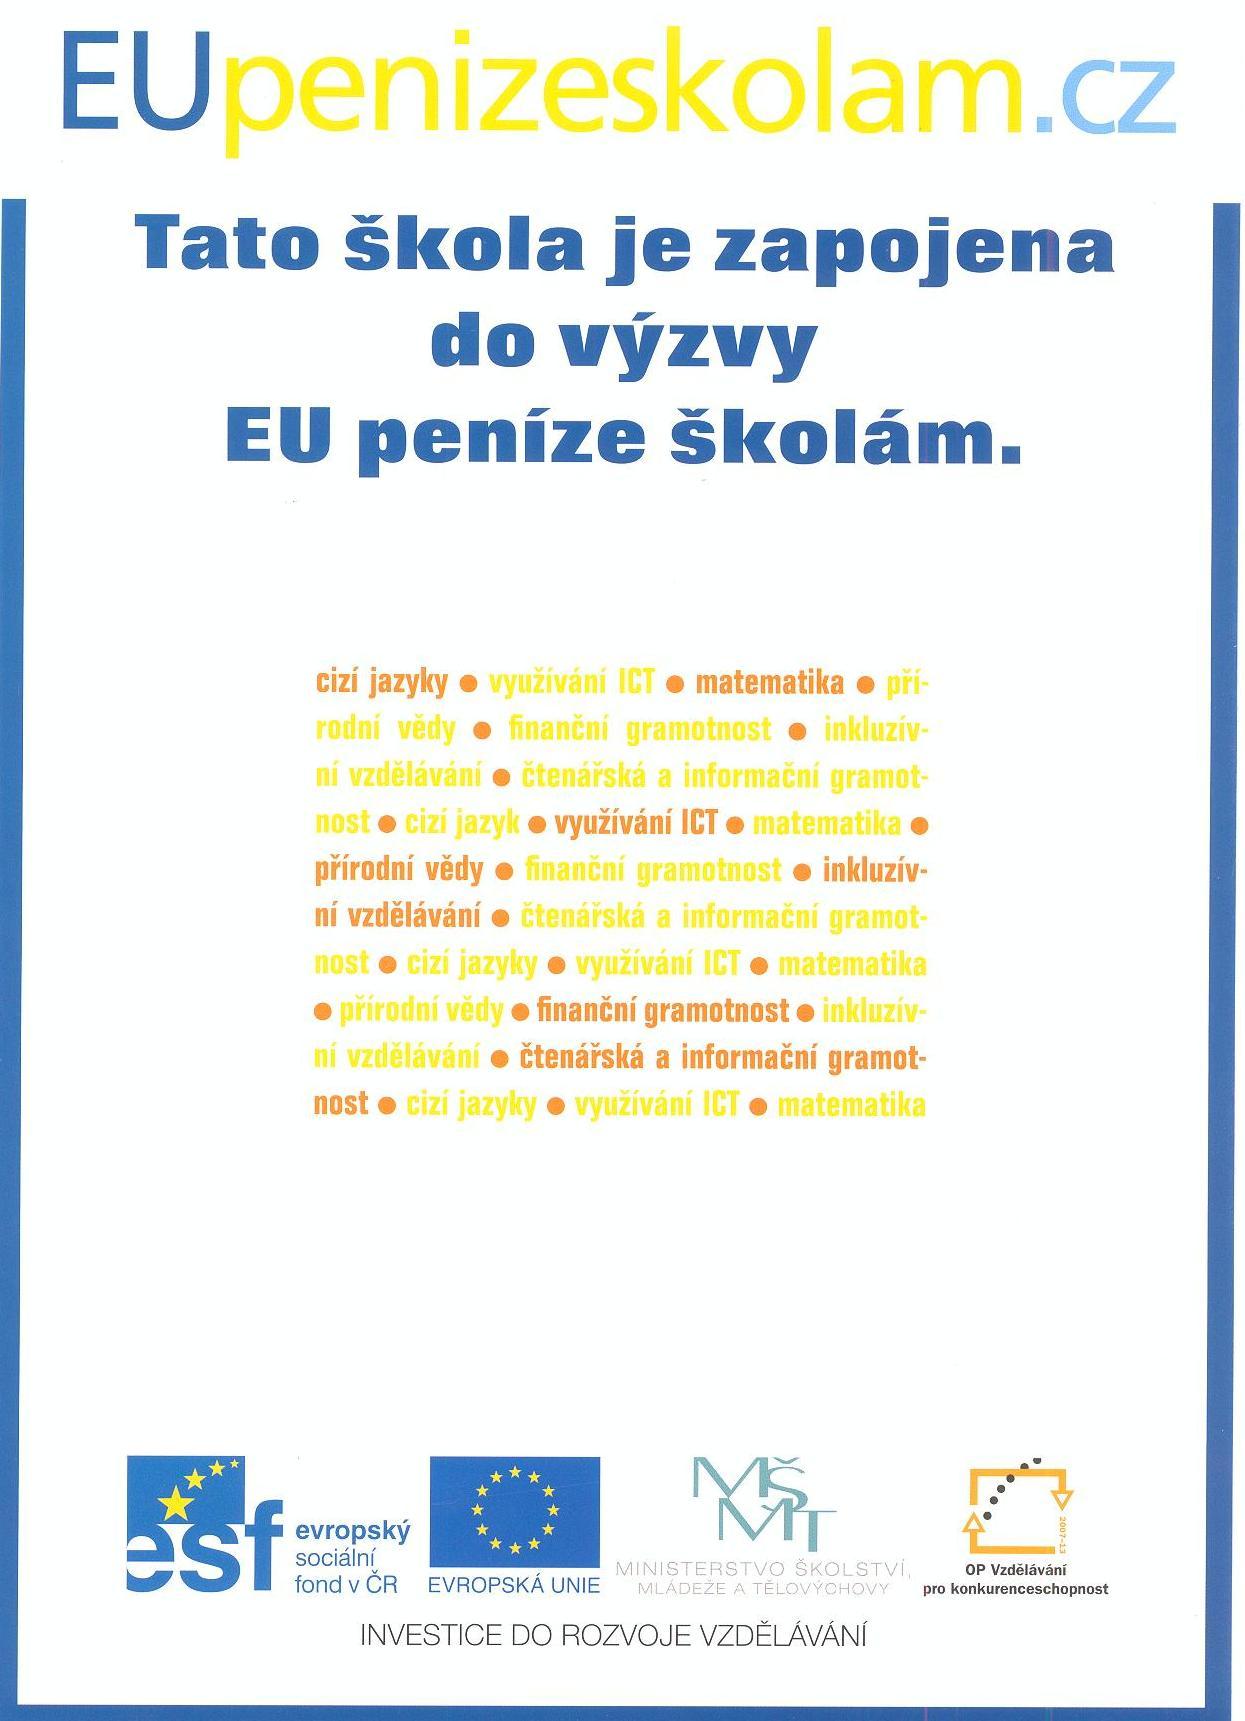 EU_penize_skolam_maly